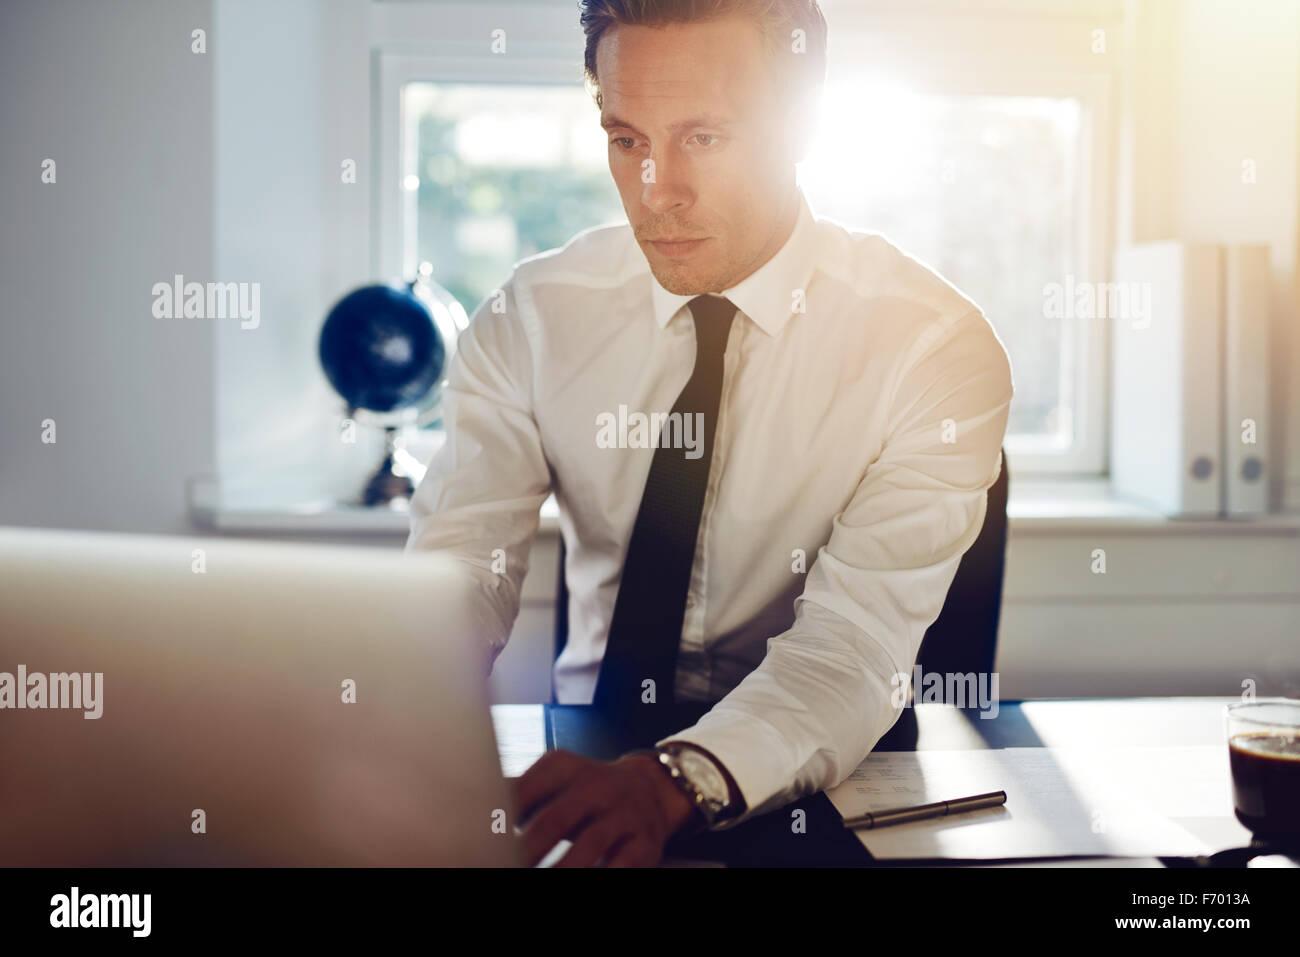 Blanco joven hombre de negocios trabajando en equipo sentado en su escritorio Imagen De Stock